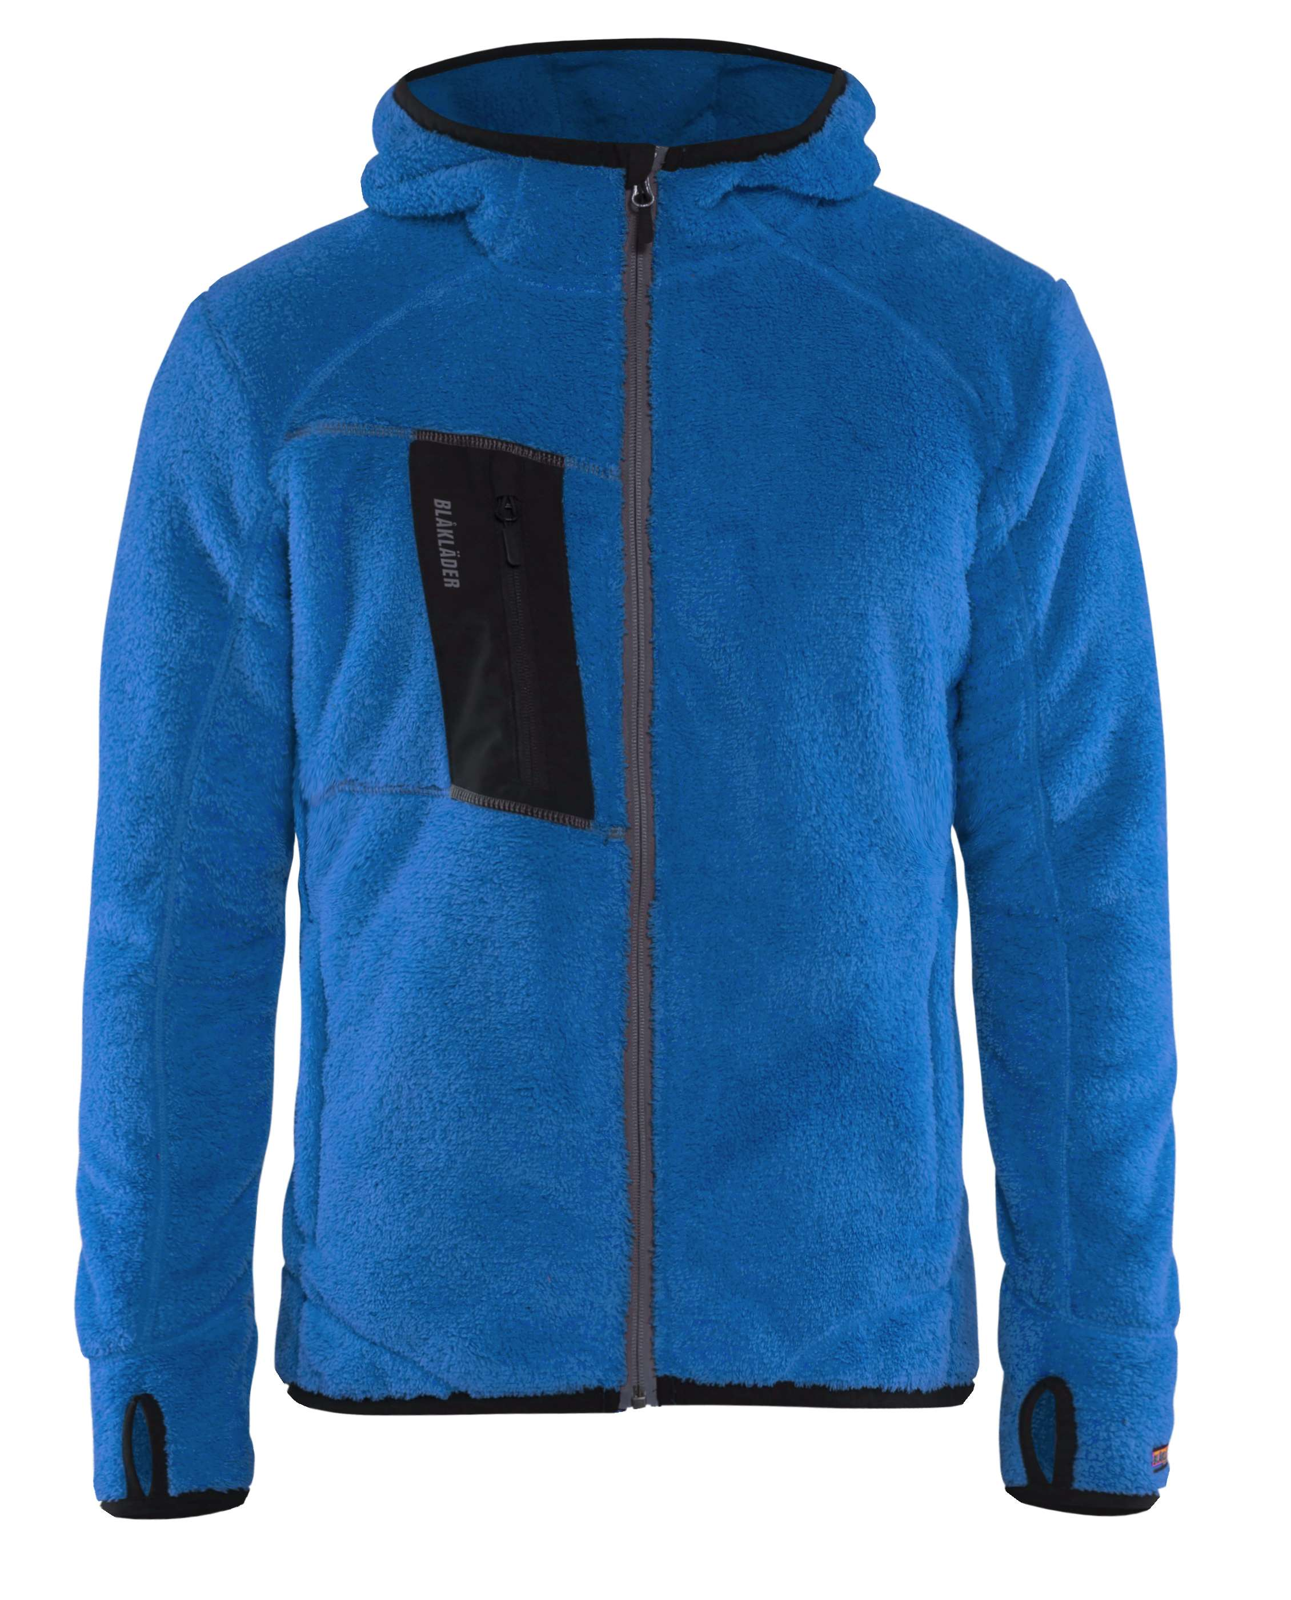 Blaklader Fleece vesten 48632502 ocean blauw(8000)